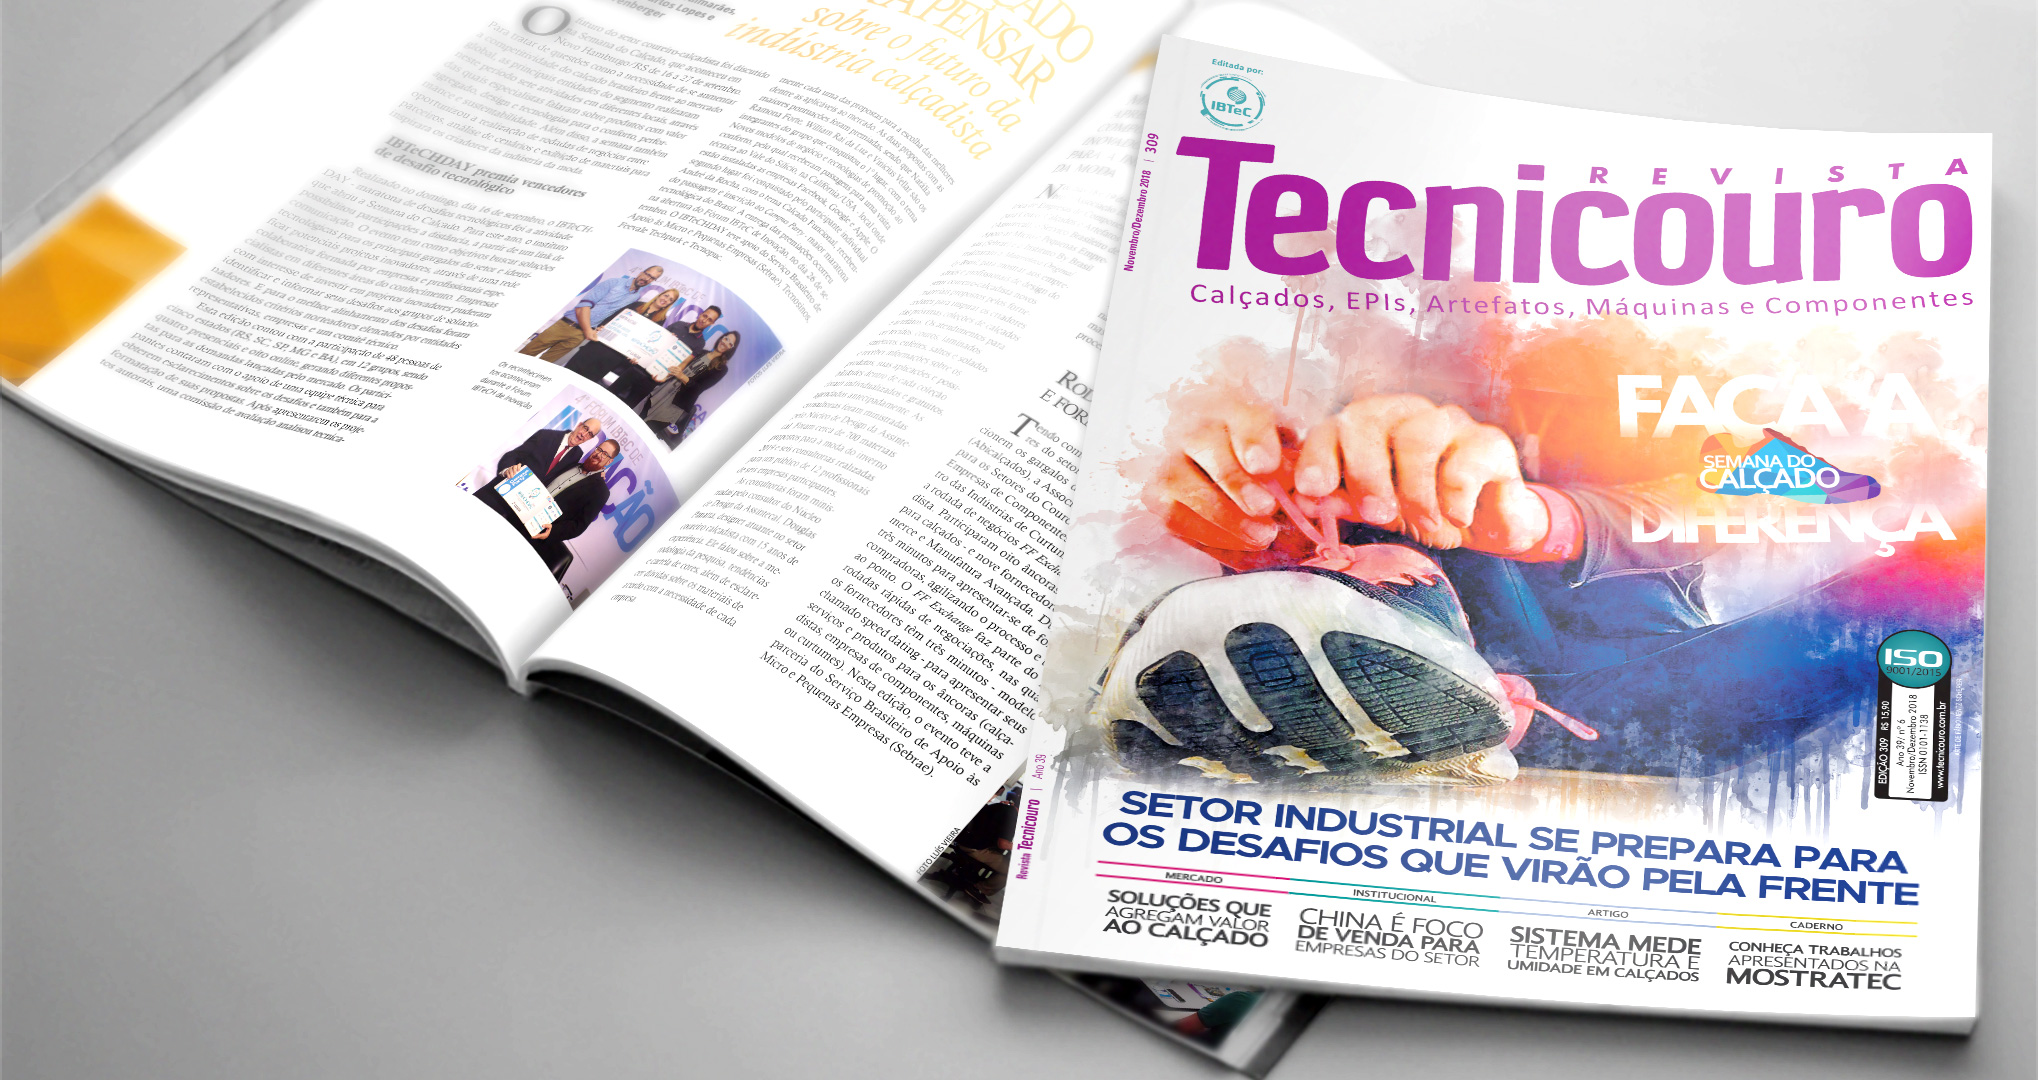 Edição de novembro/dezembro da Tecnicouro é lançada na Zero Grau